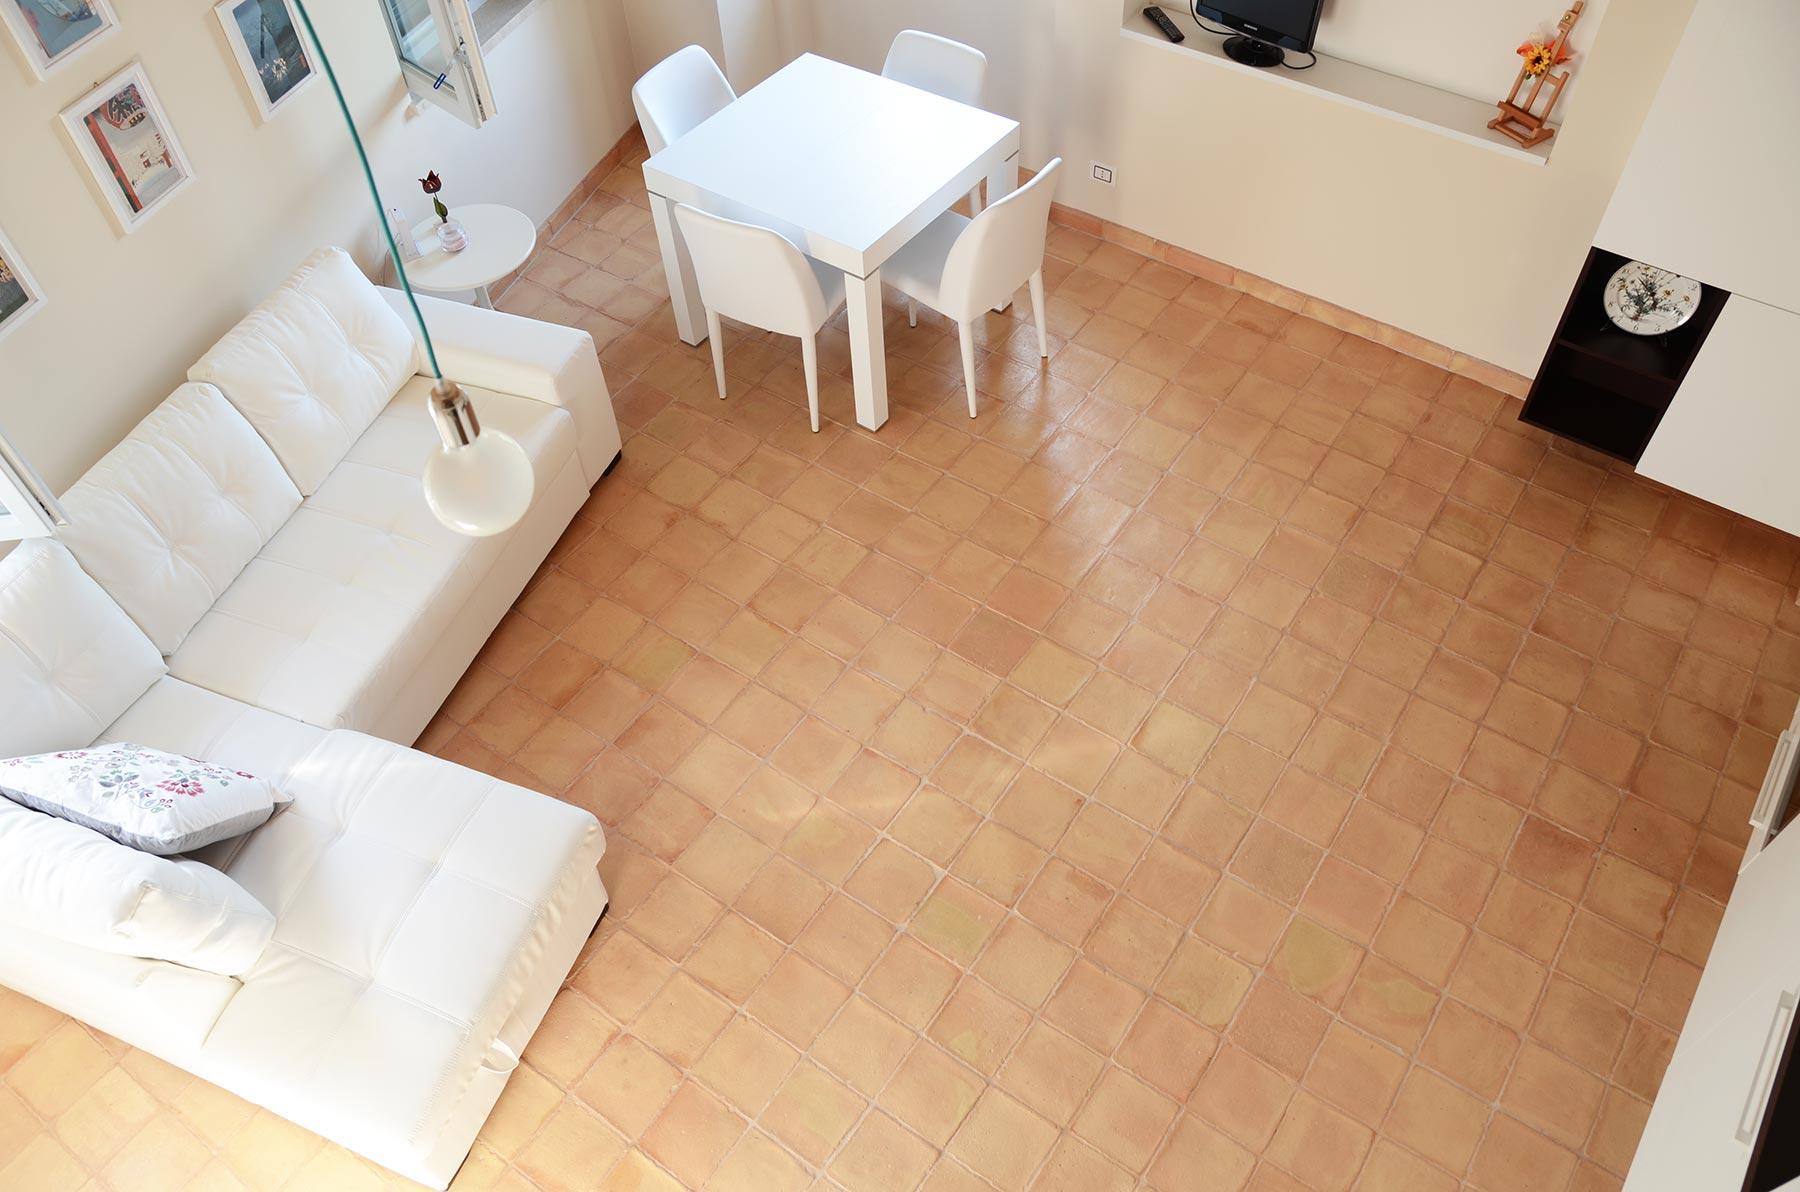 pavimenti in cotto stile mediterraneo